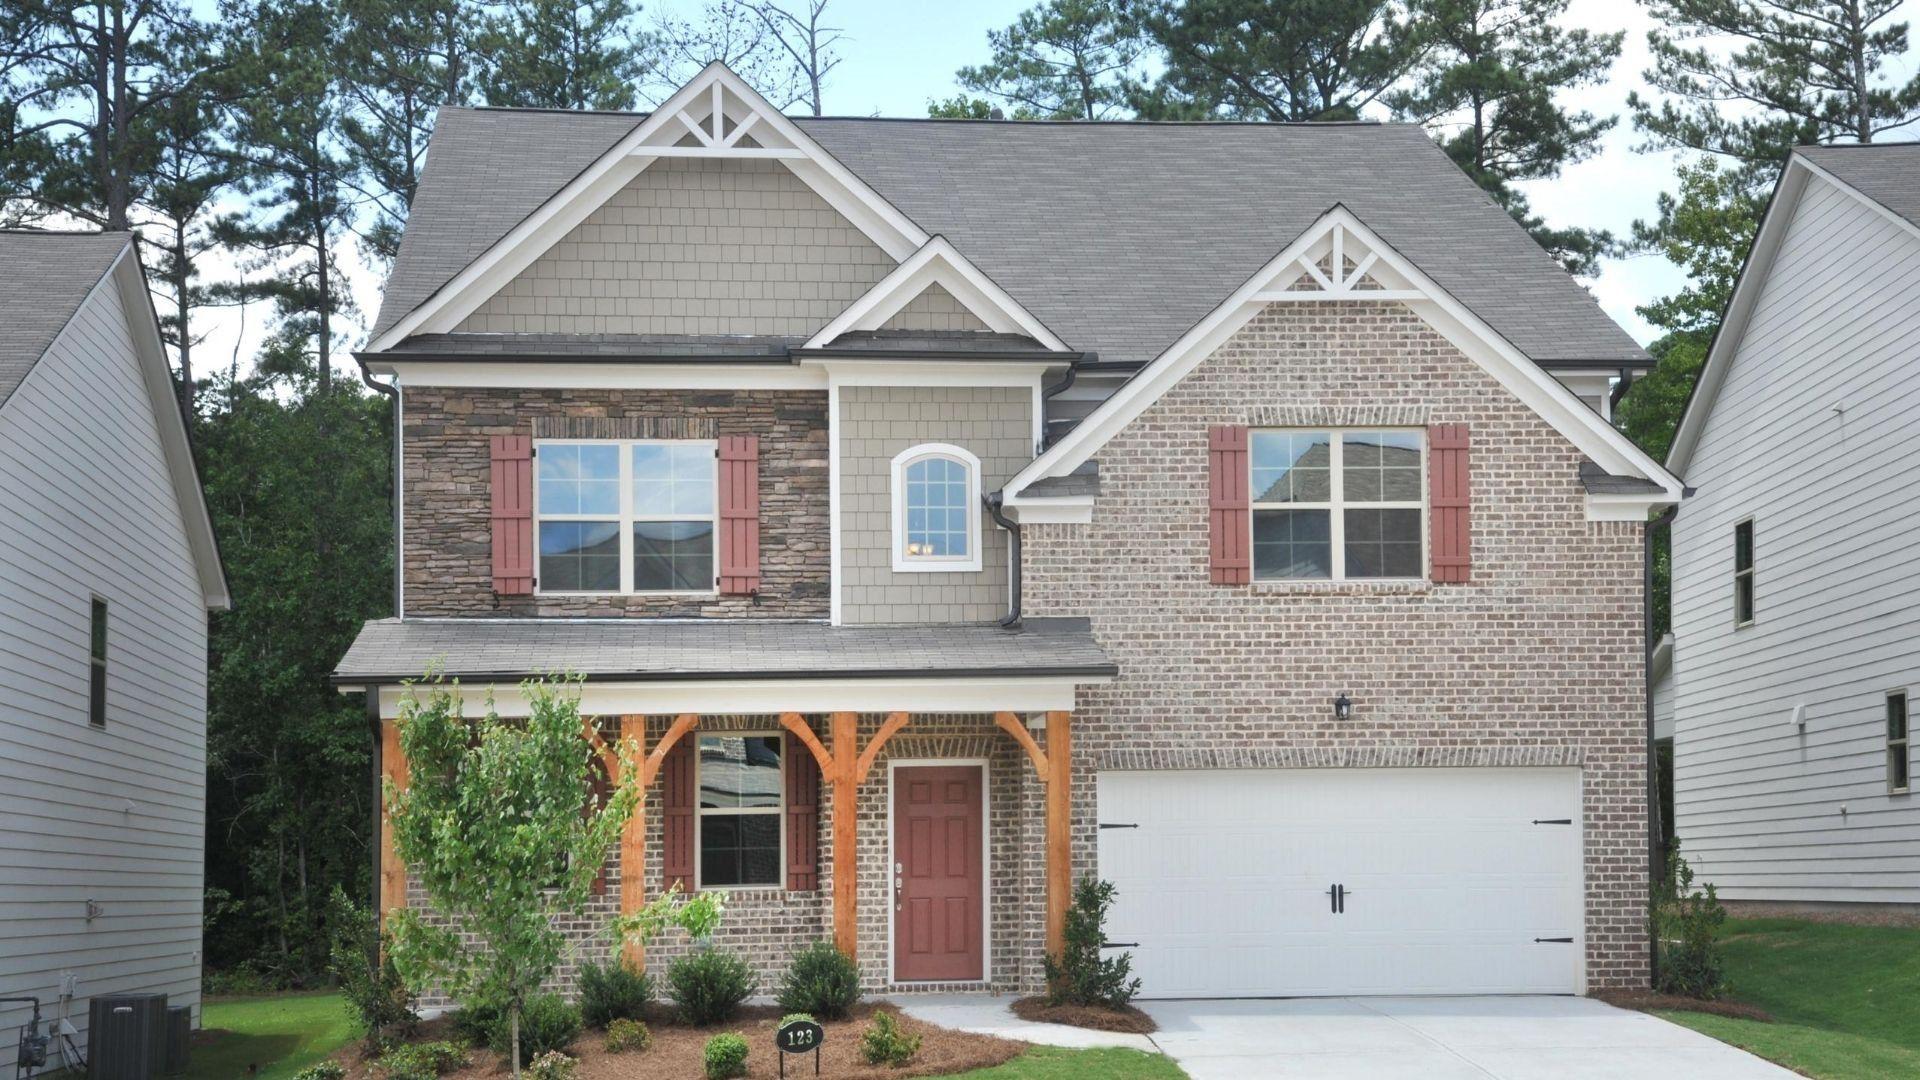 'Braemore' by Lennar - Atlanta Homebuilding in Atlanta